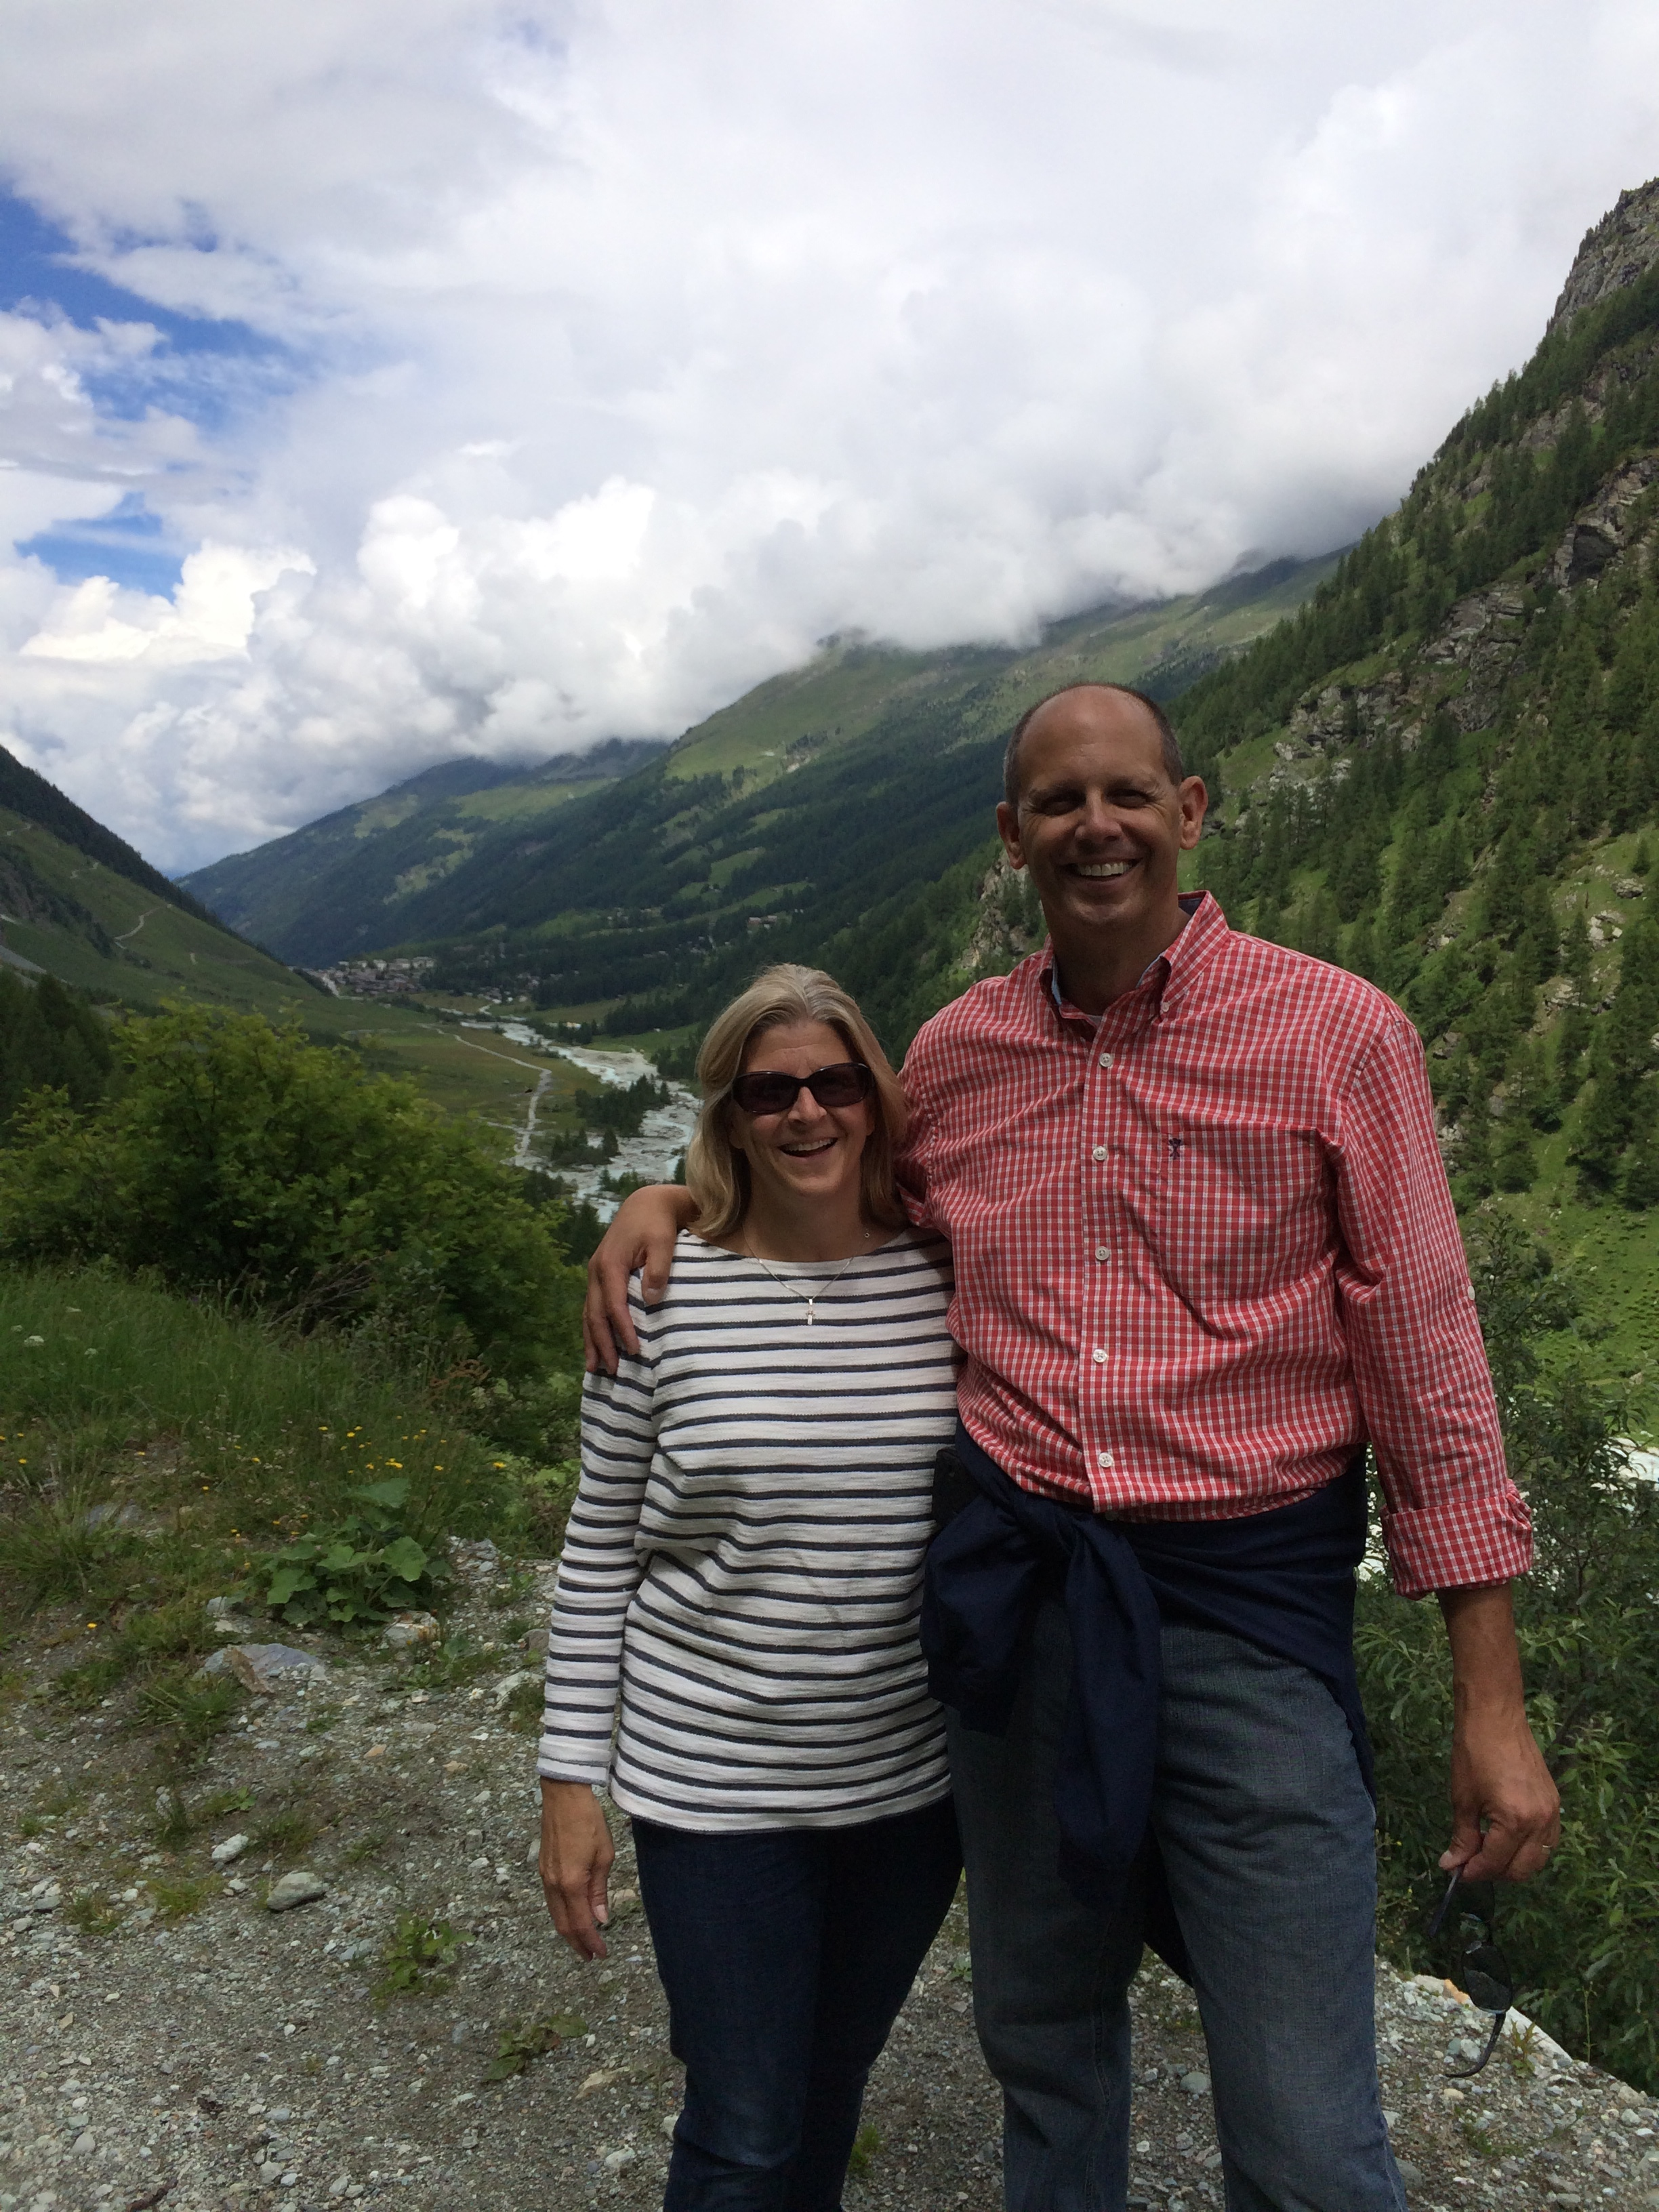 Steve Morrissette in the Alps